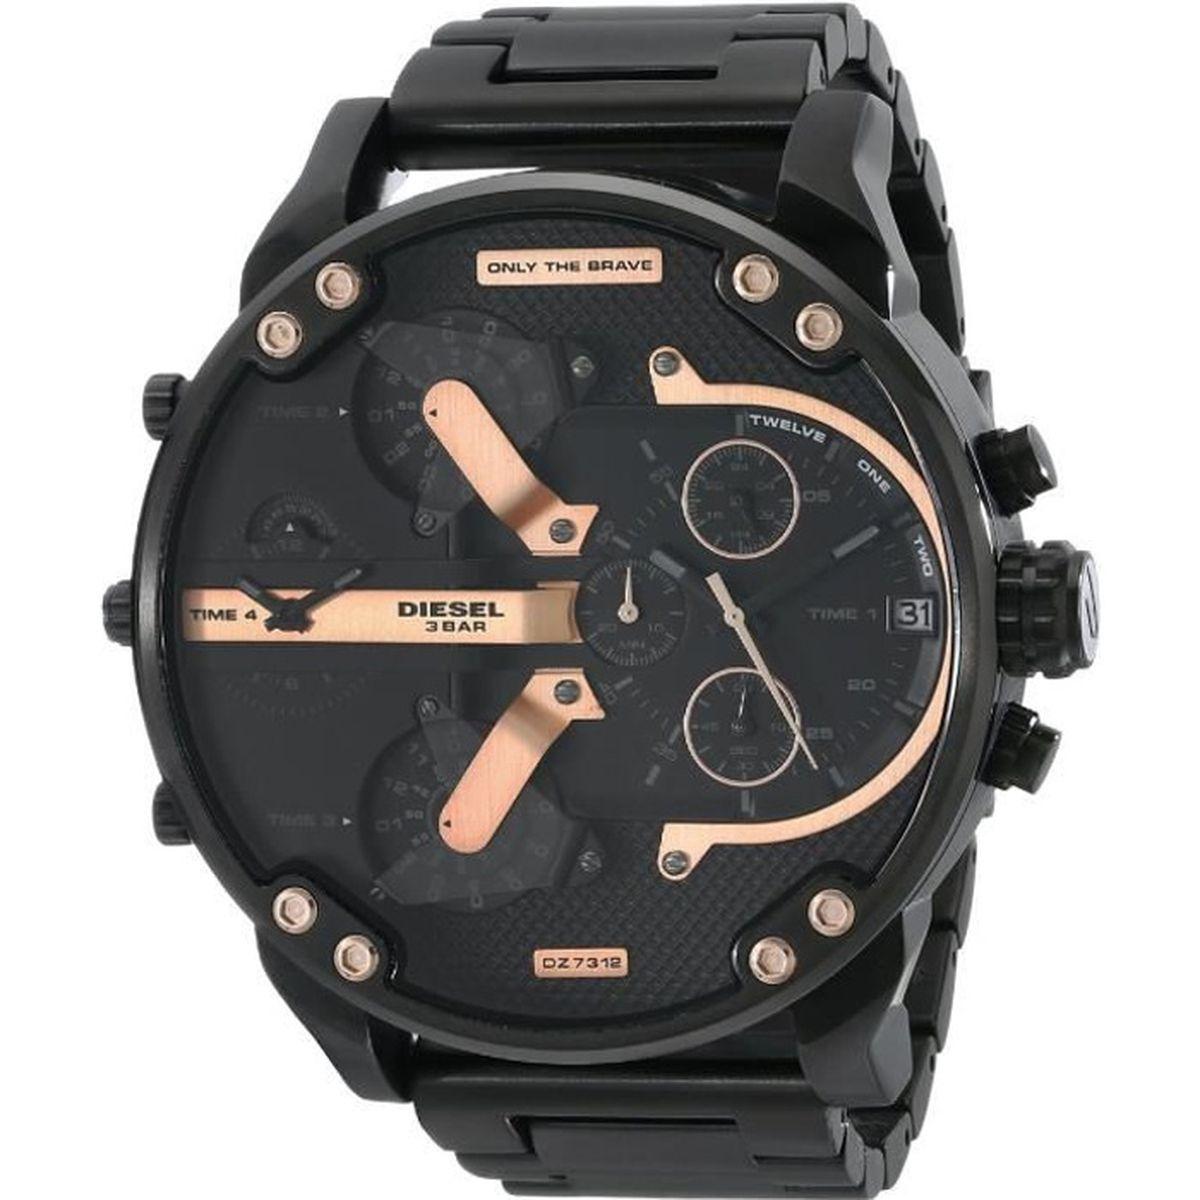 diesel montre chronographe quartz dz7312 homme noir chic achat vente montre cdiscount. Black Bedroom Furniture Sets. Home Design Ideas